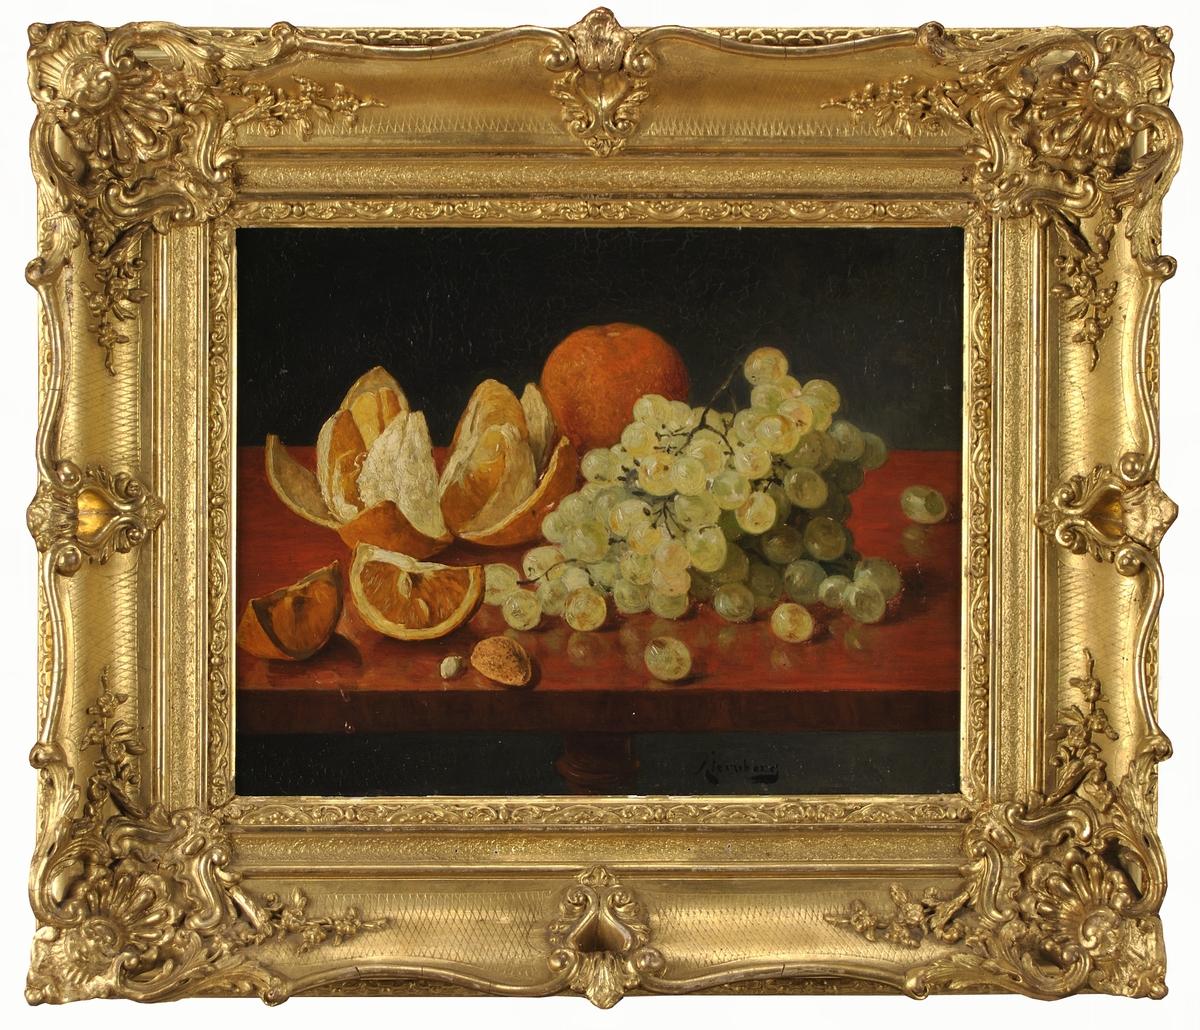 Stilleben med vindruvsklase, en hel apelsin och en apelsin skuren i klyftor samt en mandel oskalad, på ett rödbrunt bord, svart bakgrund.